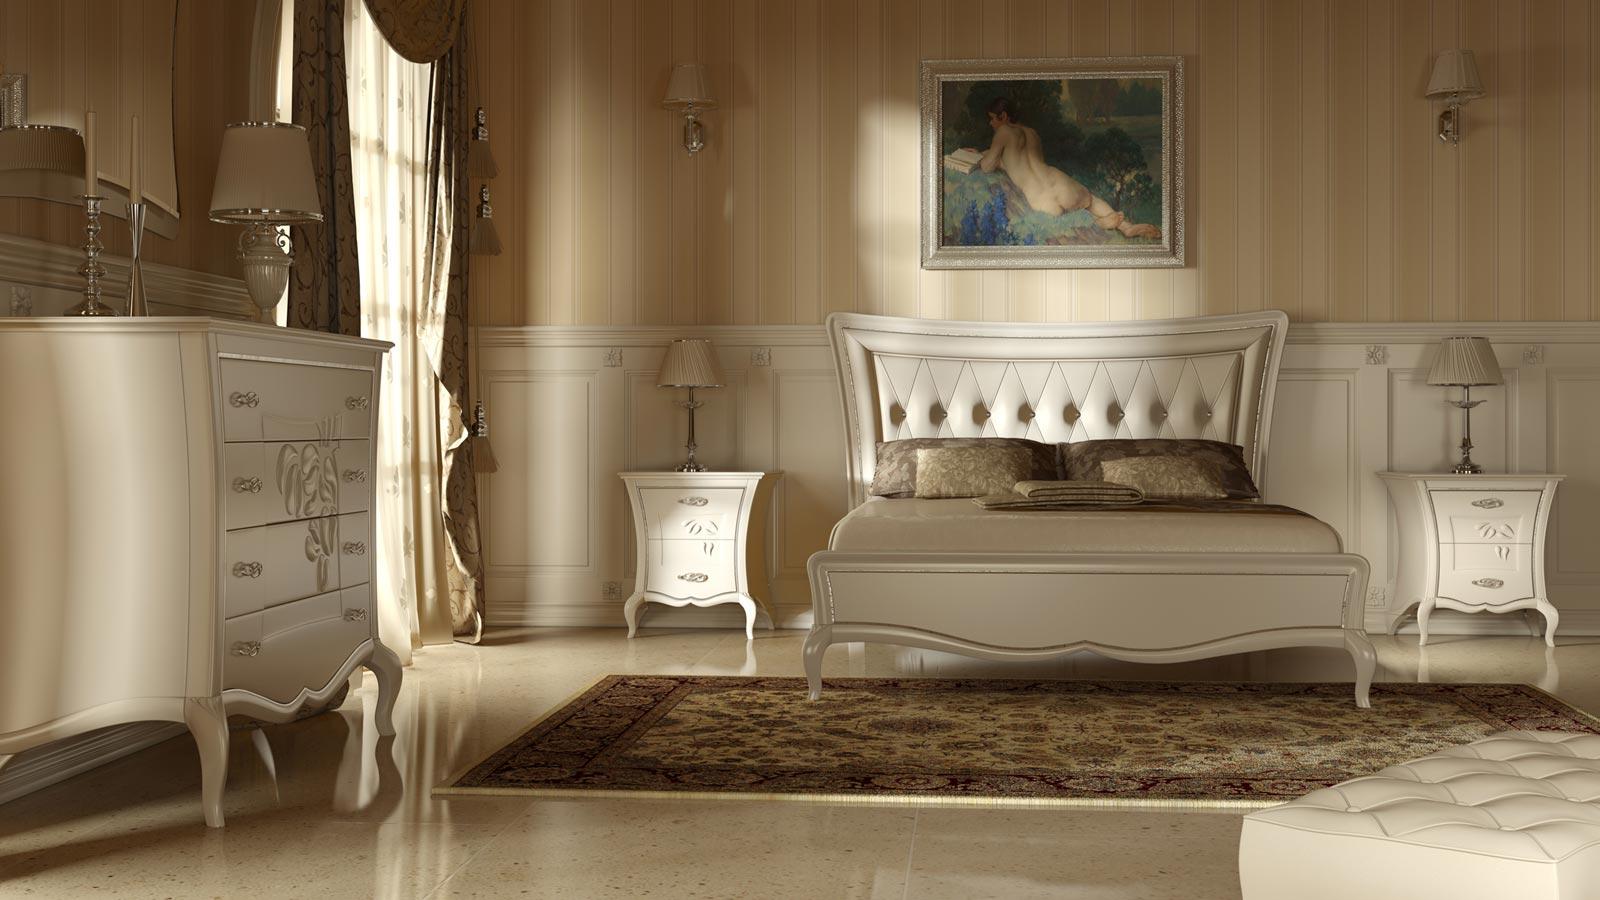 Stilema camera da letto arredamenti albanese - Mobili da letto ...